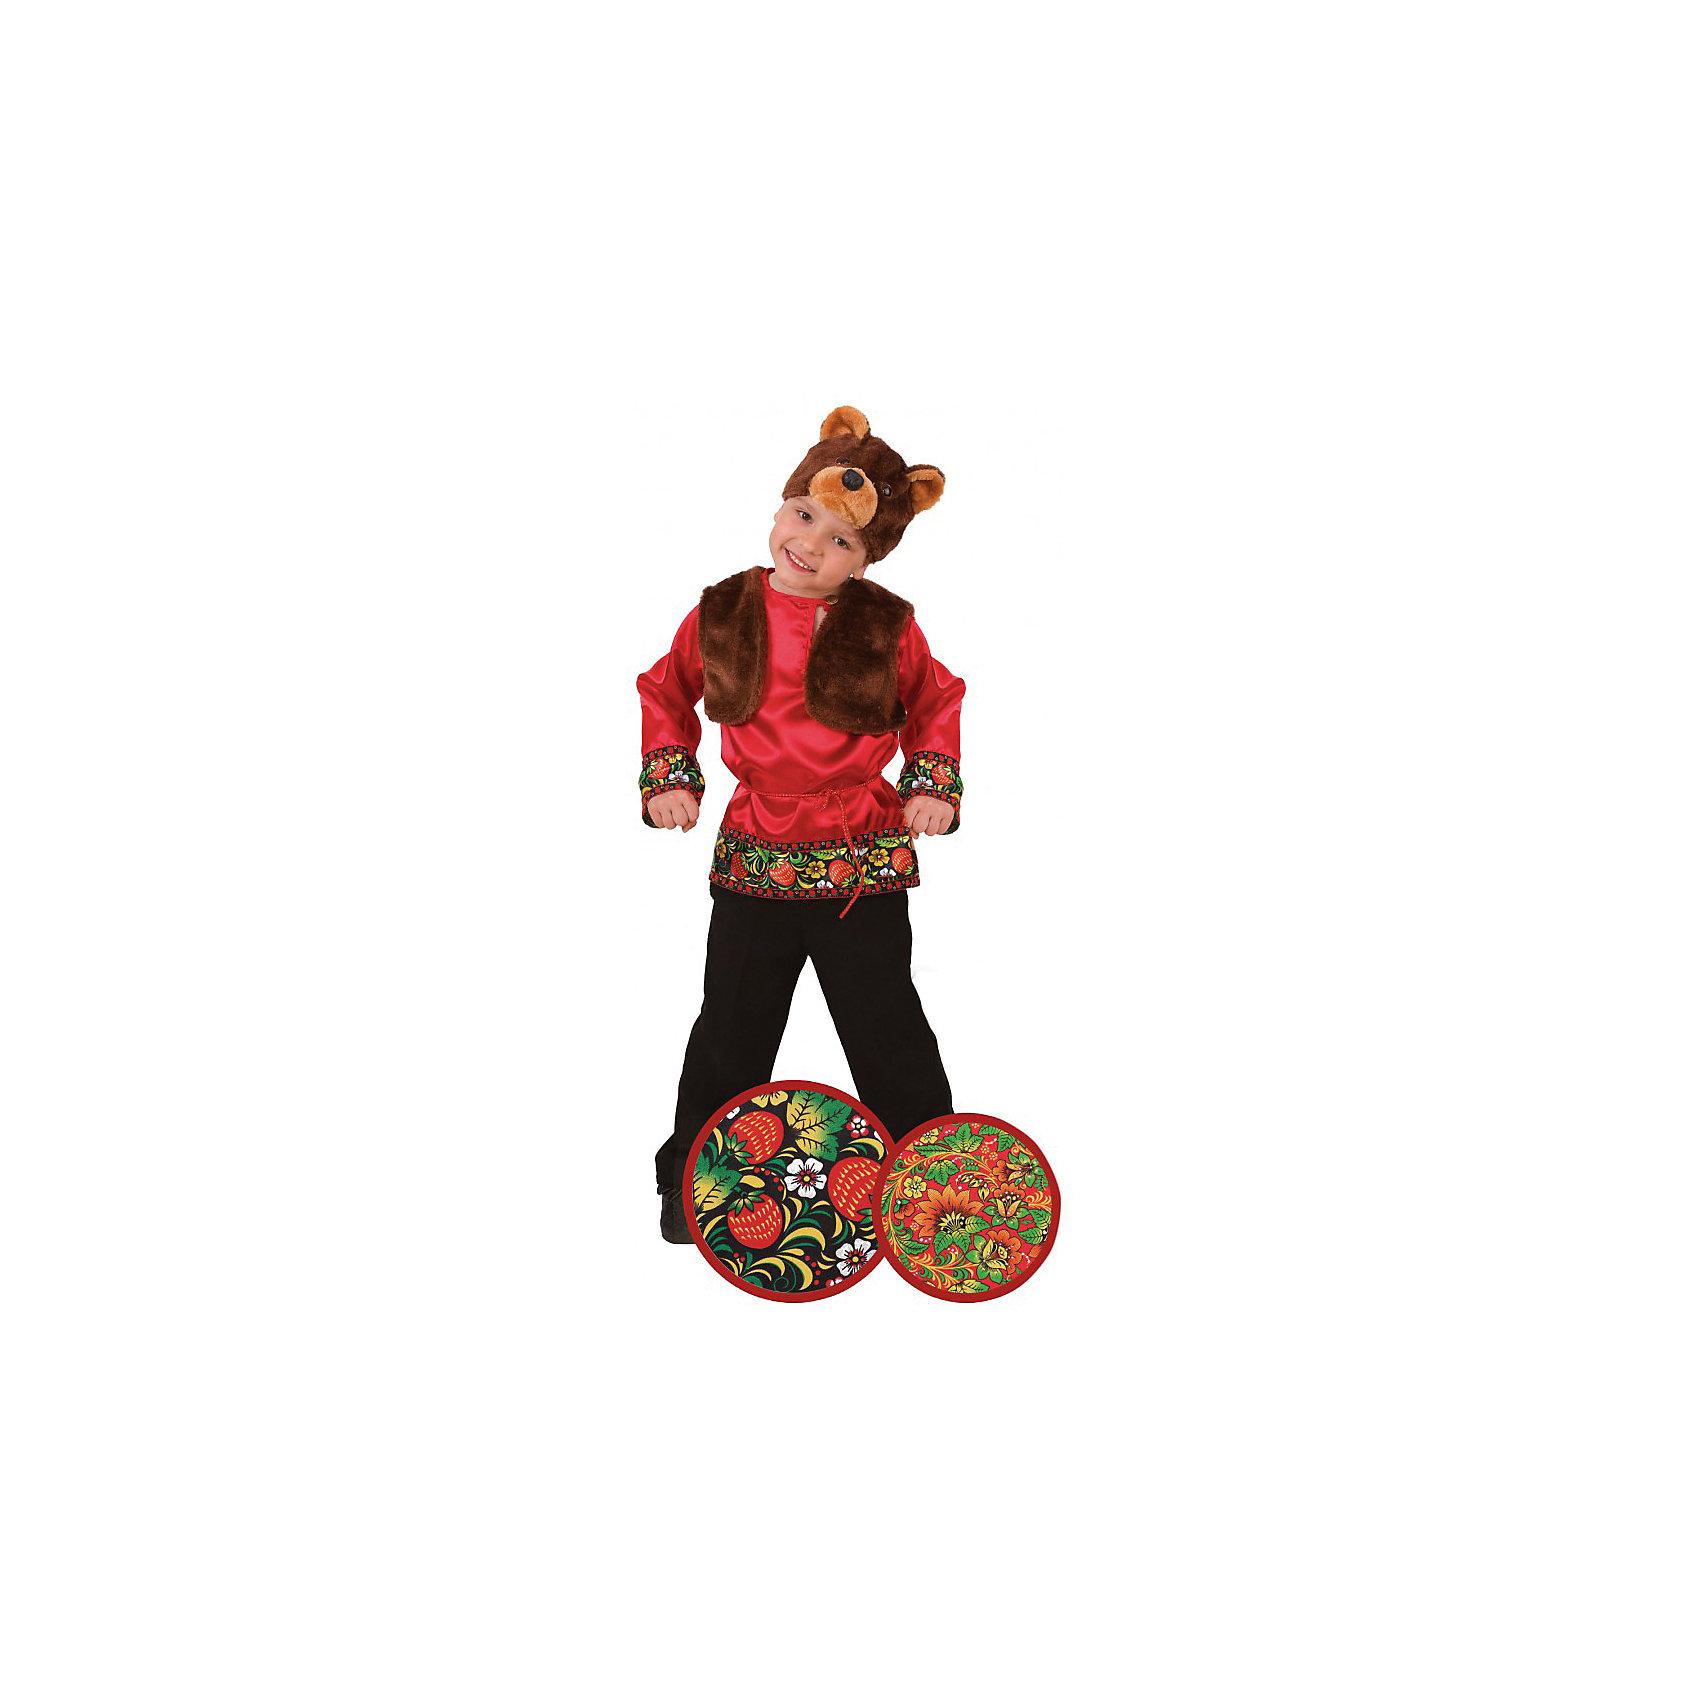 Карнавальный костюм Мишка Захарка (сатин), БатикКарнавальный костюм Мишка Захарка (сатин), Батик<br><br>Характеристики:<br><br>• Материал: 100% полиэстер.<br>• Цвет: разноцветный, коричневый.<br><br>В комплекте:<br><br>• рубашка;<br>• жилет;<br>• шапка – маска.<br><br><br>Карнавальный костюм для мальчиков «Мишка Захарка» выполнен в  русском стиле из текстильной ткани и качественного искусственного меха. В комплект карнавального костюма входит маска в виде мордочки медведя из меха коричневого цвета,  красная рубашка с эксклюзивными принтами под хохлому. Воротник рубашки застегивается на пуговицу, также рубашка подпоясывается красной нитью. Завершает образ Мишки Захарки меховая жилетка коричневого цвета. В таком карнавальном костюме, «Мишка Захарка»,  ваш мальчик получит максимальное удовольствие от праздника и подарит радость окружающим!<br><br>Карнавальный костюм Мишка Захарка, Батик можно купить в нашем интернет – магазине.<br><br>Ширина мм: 500<br>Глубина мм: 50<br>Высота мм: 700<br>Вес г: 600<br>Цвет: разноцветный<br>Возраст от месяцев: 60<br>Возраст до месяцев: 72<br>Пол: Мужской<br>Возраст: Детский<br>Размер: 30,26<br>SKU: 5092552